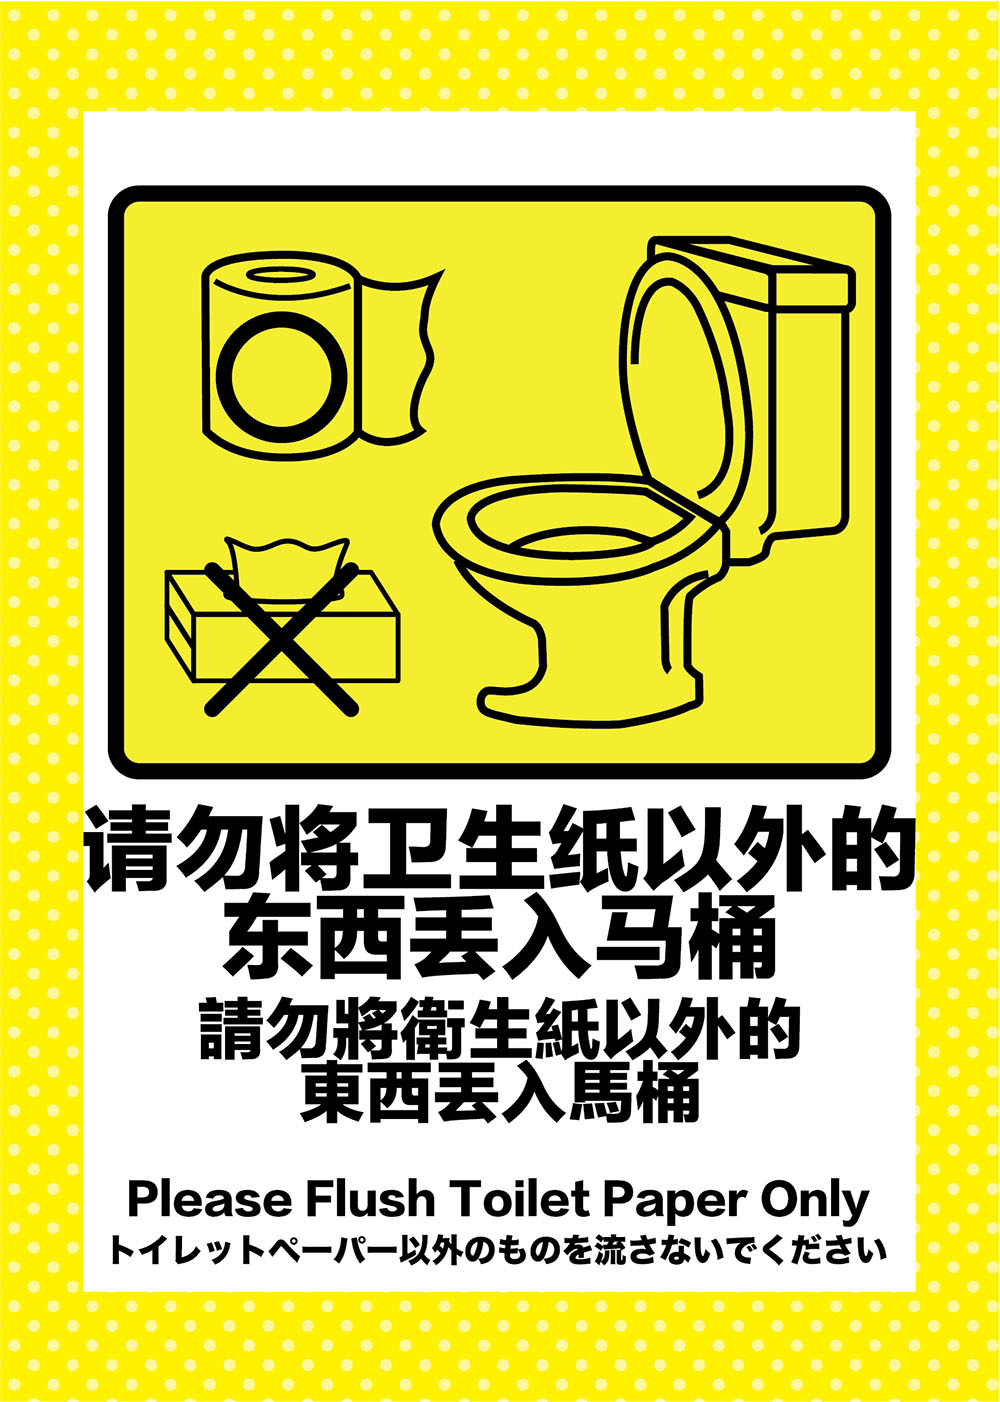 请勿将卫生纸以外的物品丢入马桶